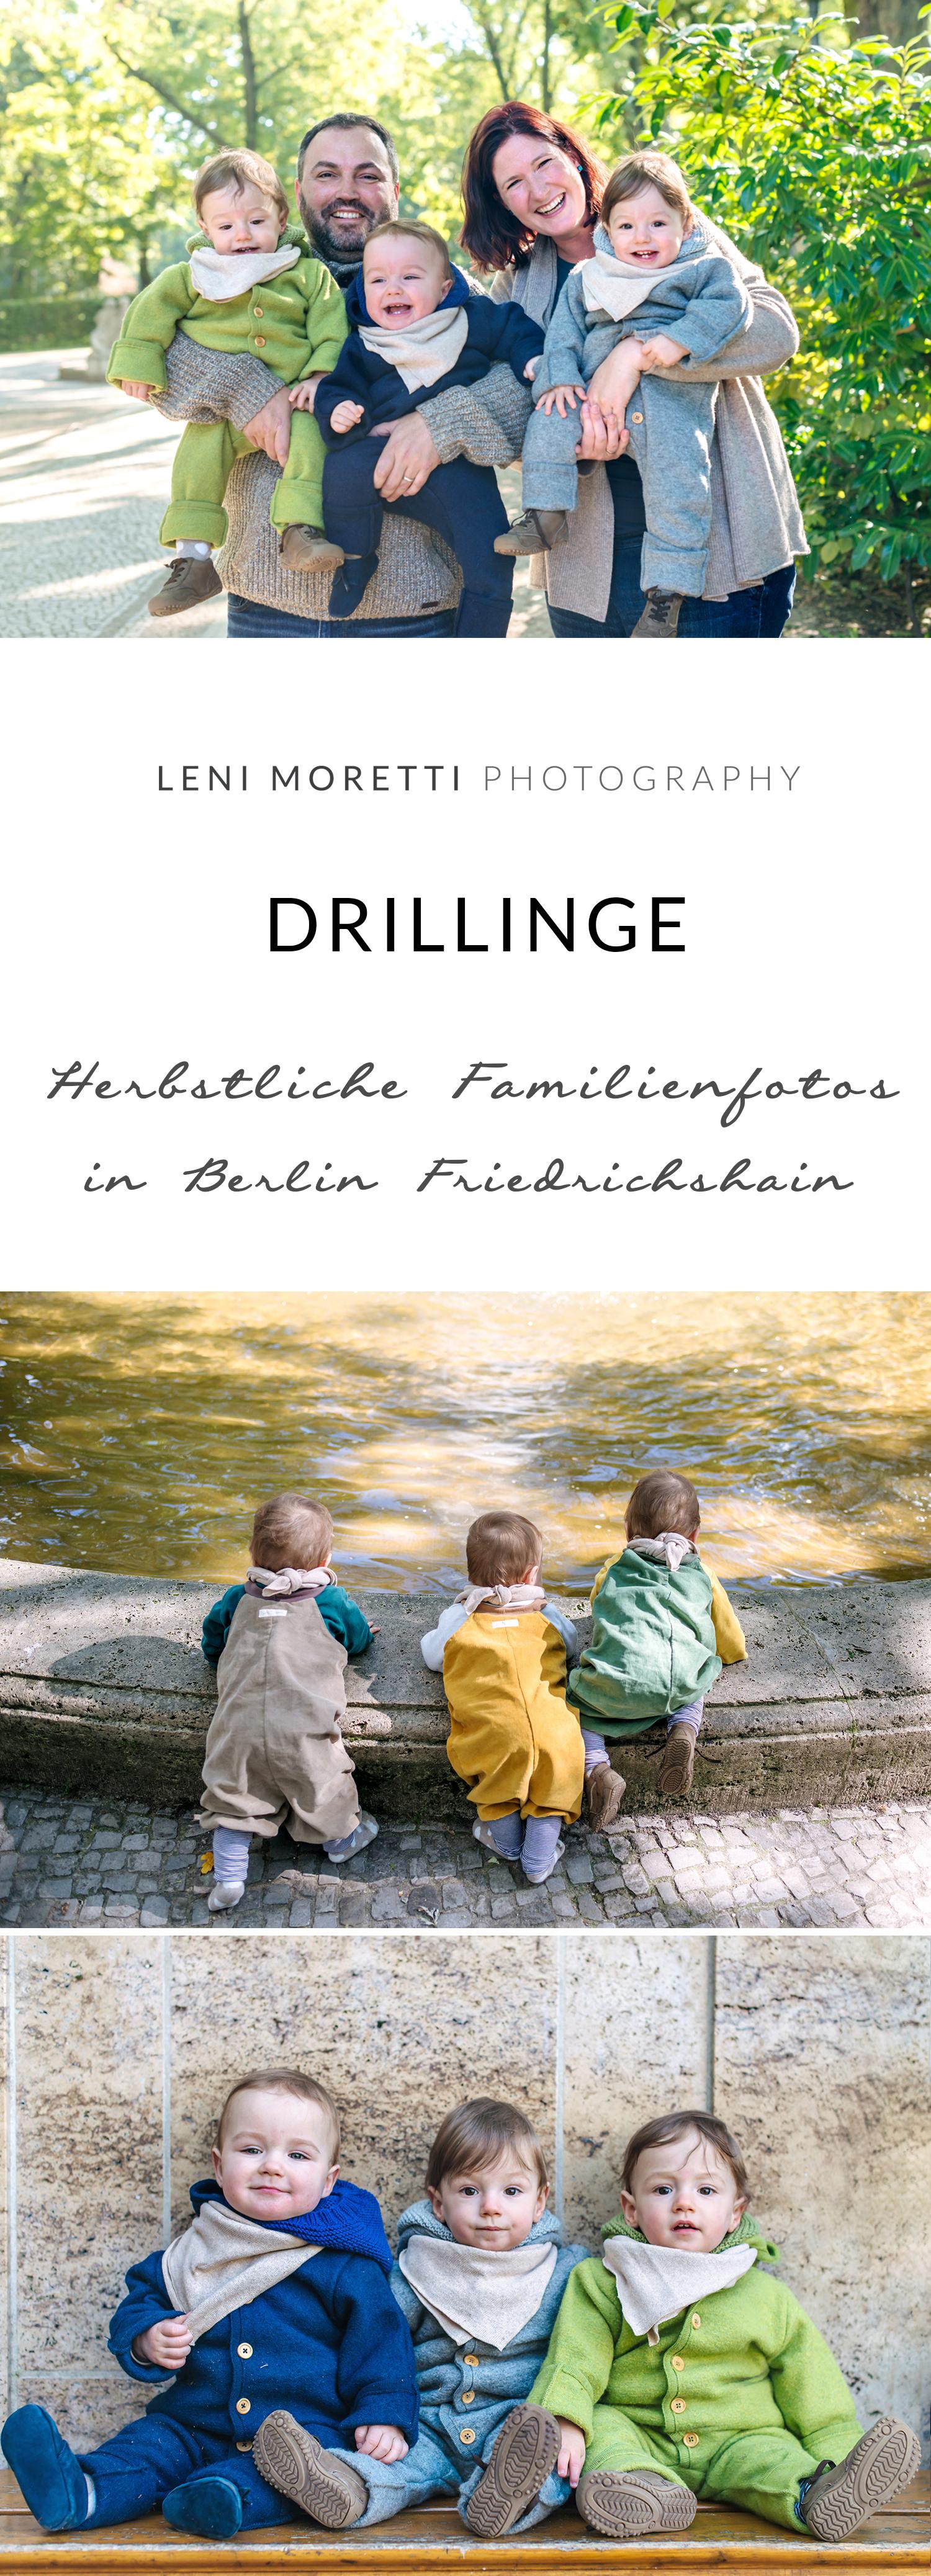 #Drillinge - Familienshooting in Berlin. Merke Dir diesen Pin! © lenimoretti.com